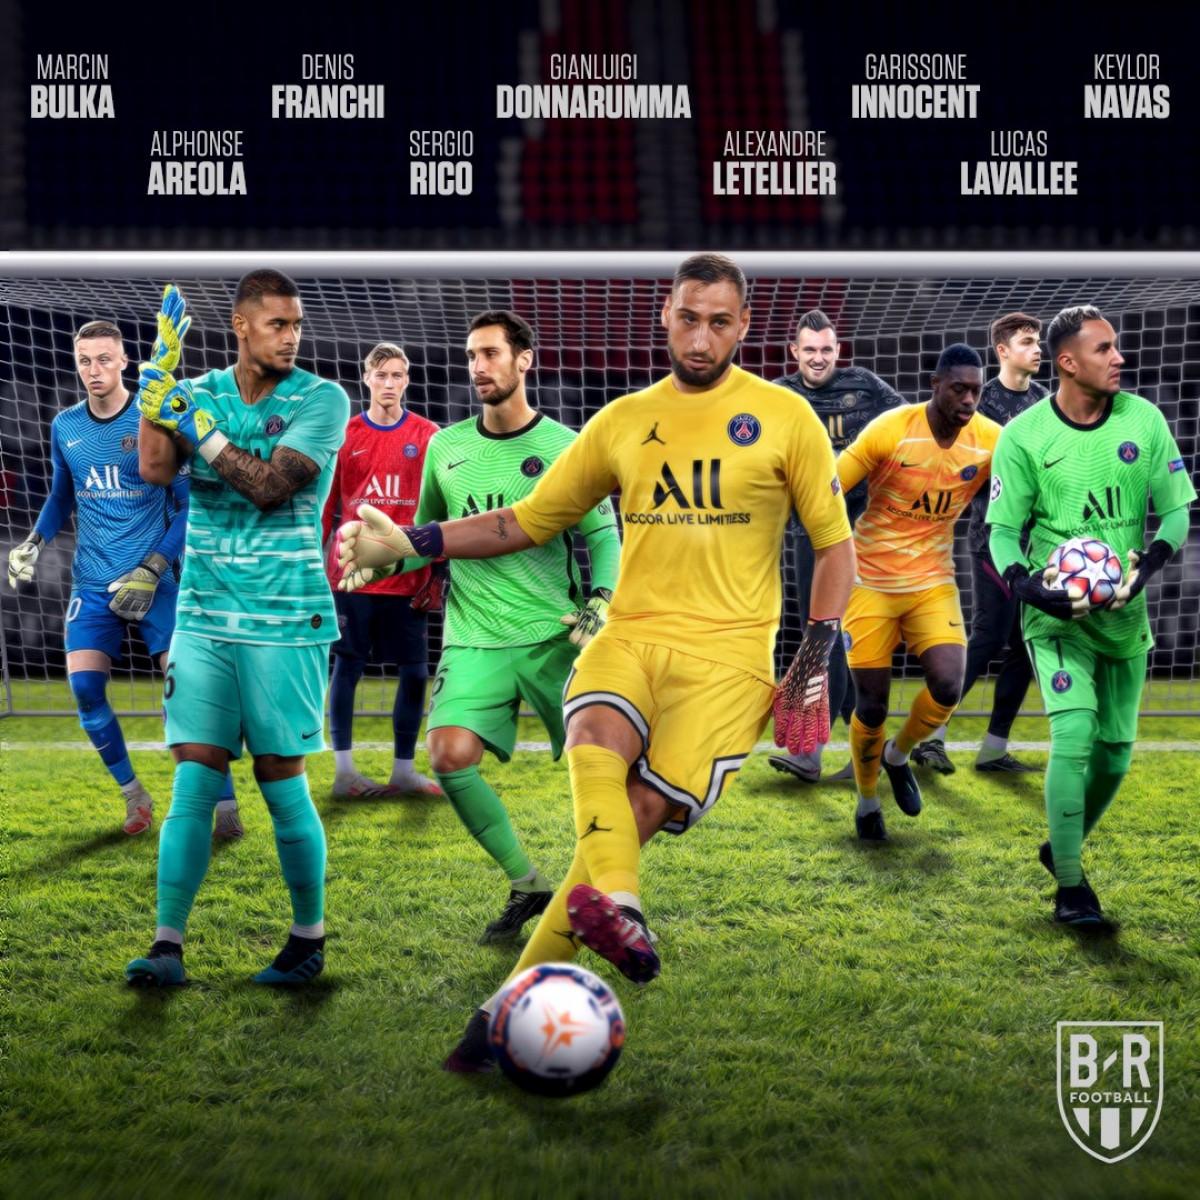 PSG có tới 9 thủ môn trong đội hình. (Ảnh: Bleacher Reports)